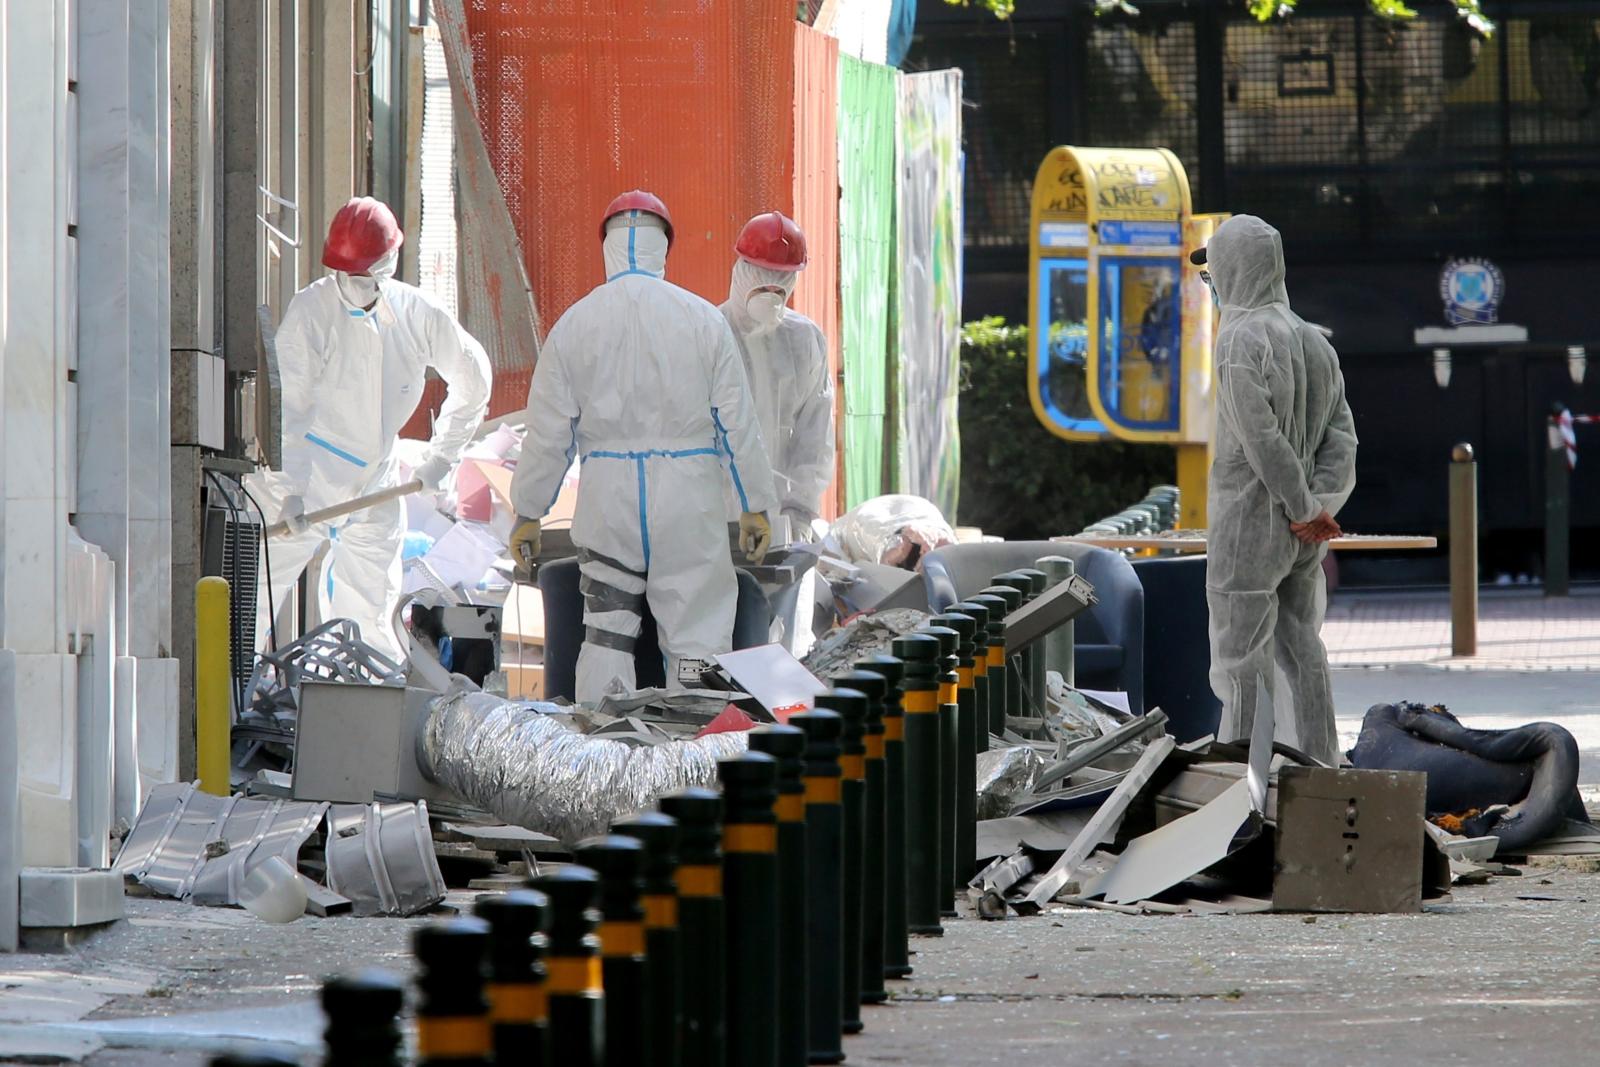 Wybuch bomby w Atenach, w Grecji. Fot. PAP/EPA/PANTELIS SAITAS